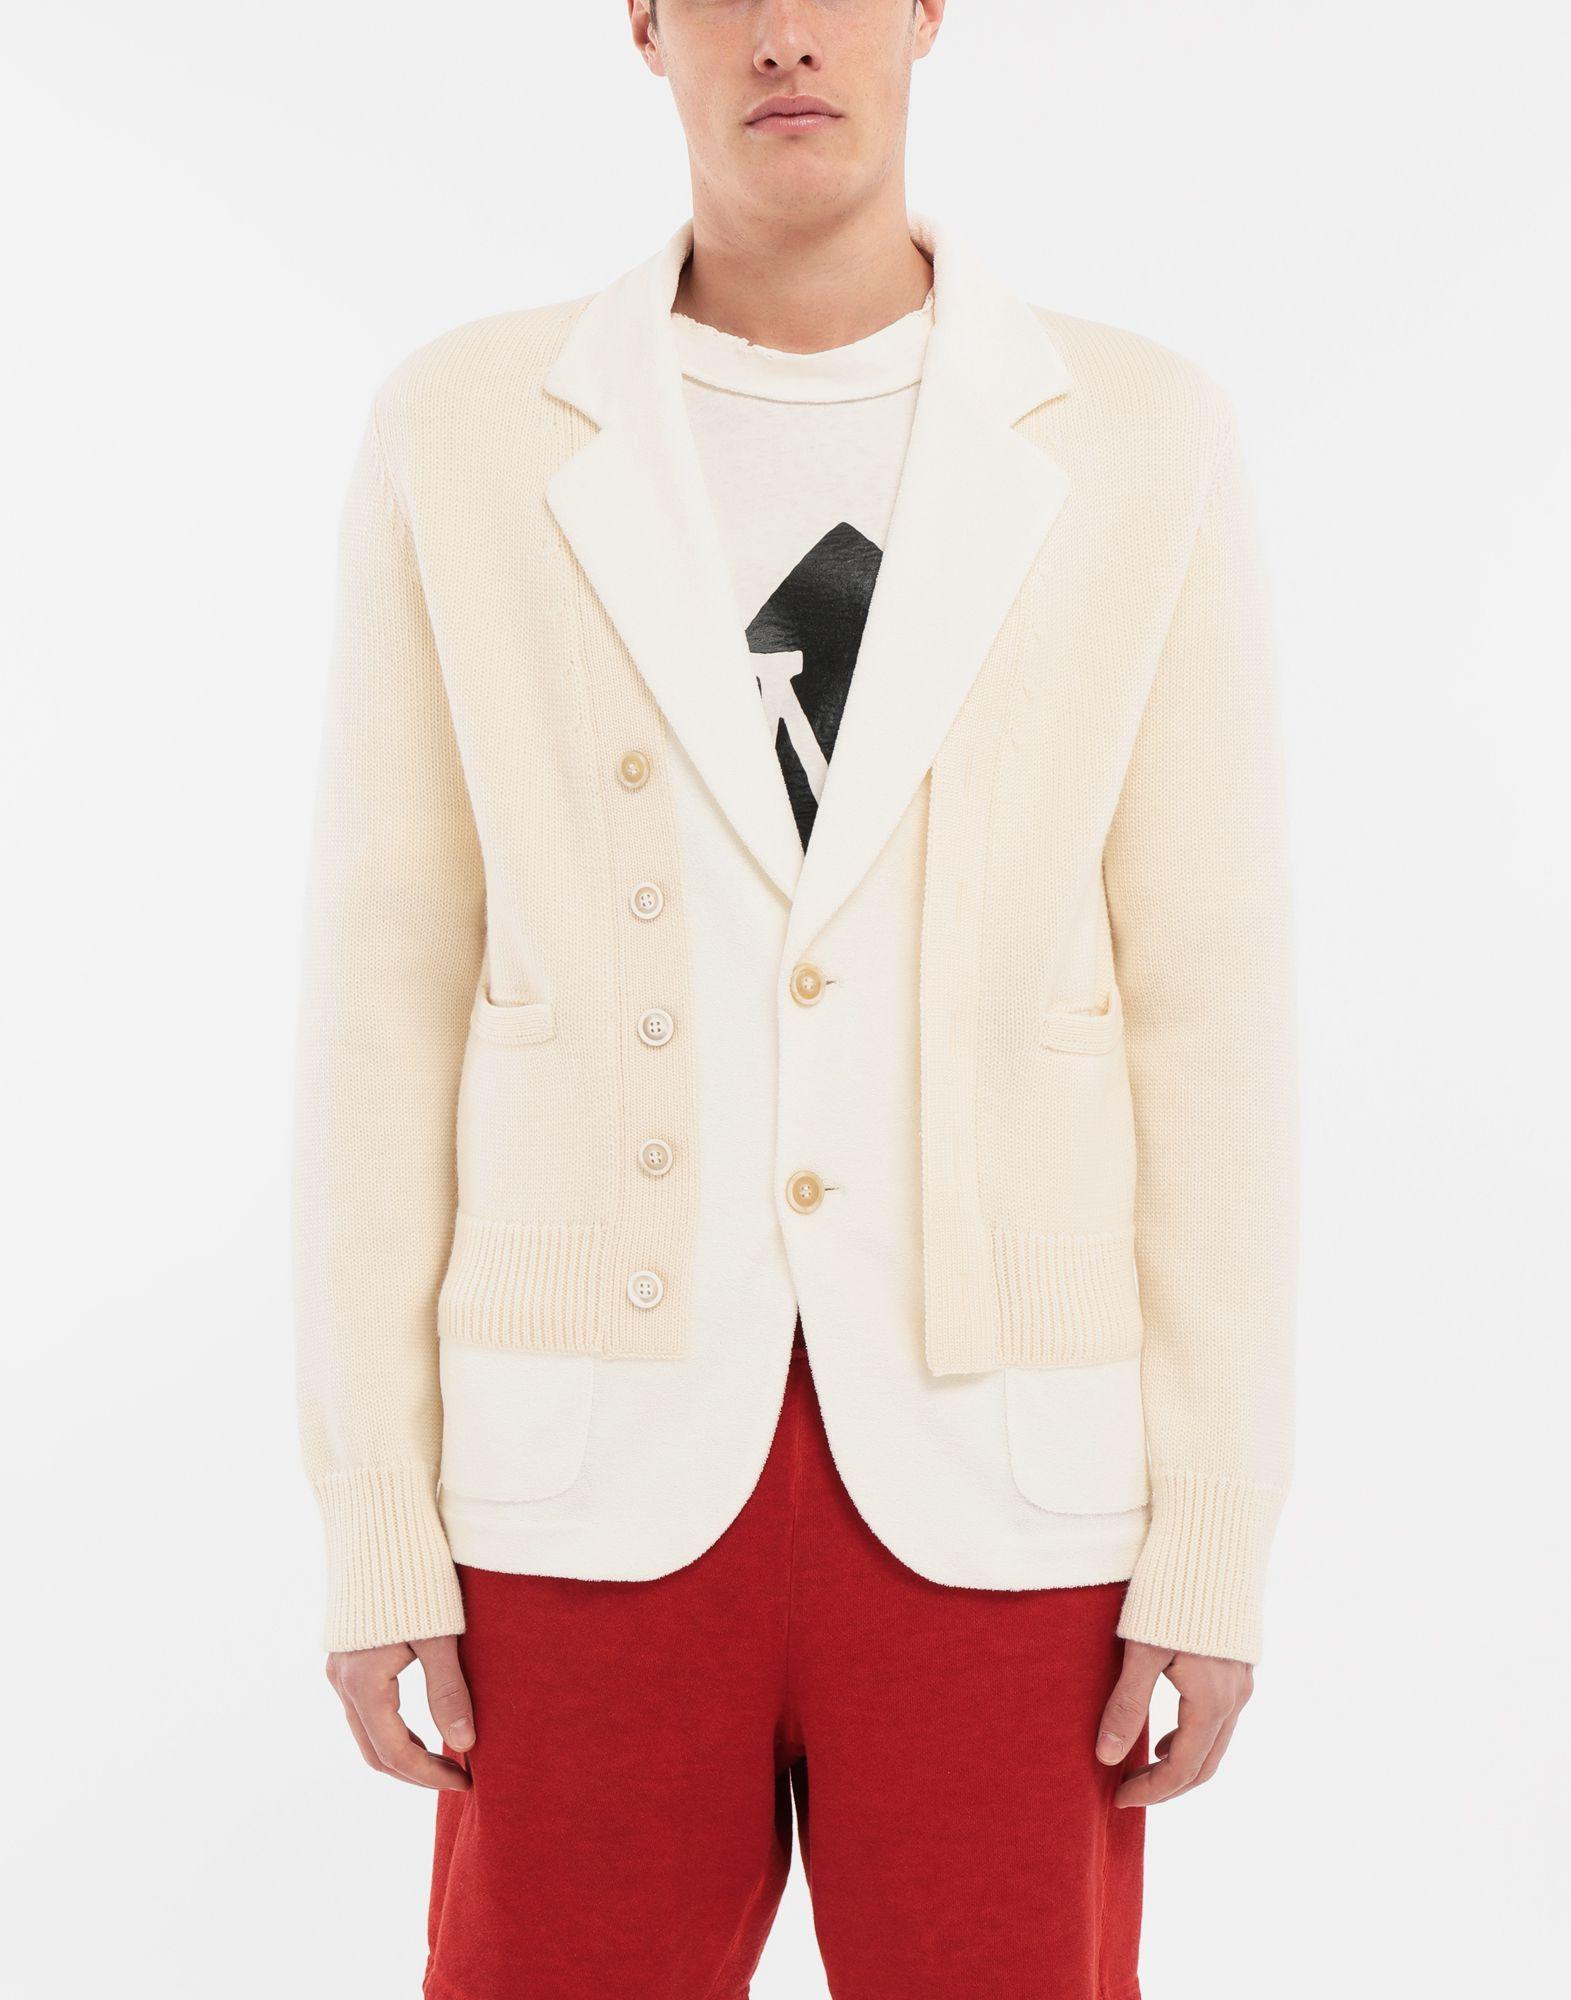 MAISON MARGIELA Spliced knit cardigan jacket Blazer Man r